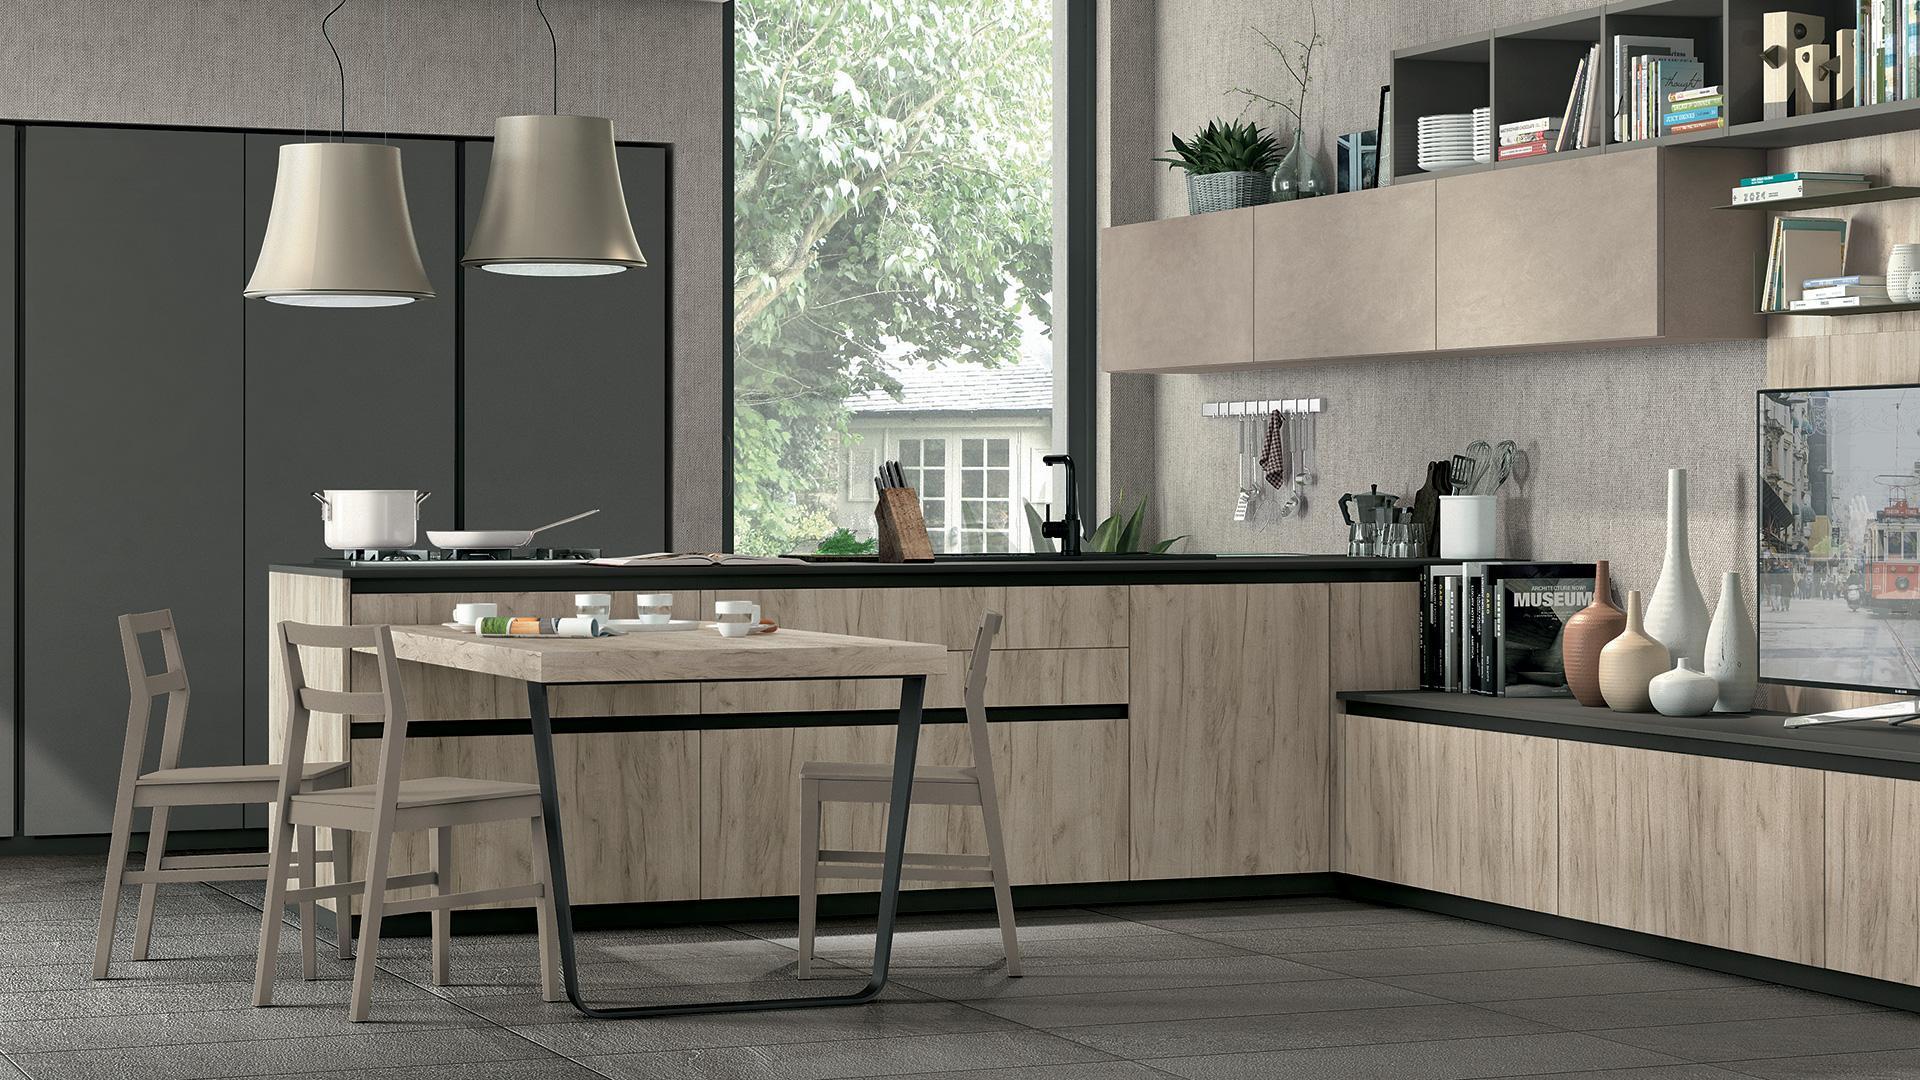 Cucina Moderna Nuova.Rizzo Arreda Lube Arredamenti Paderno Dugnano Cucine